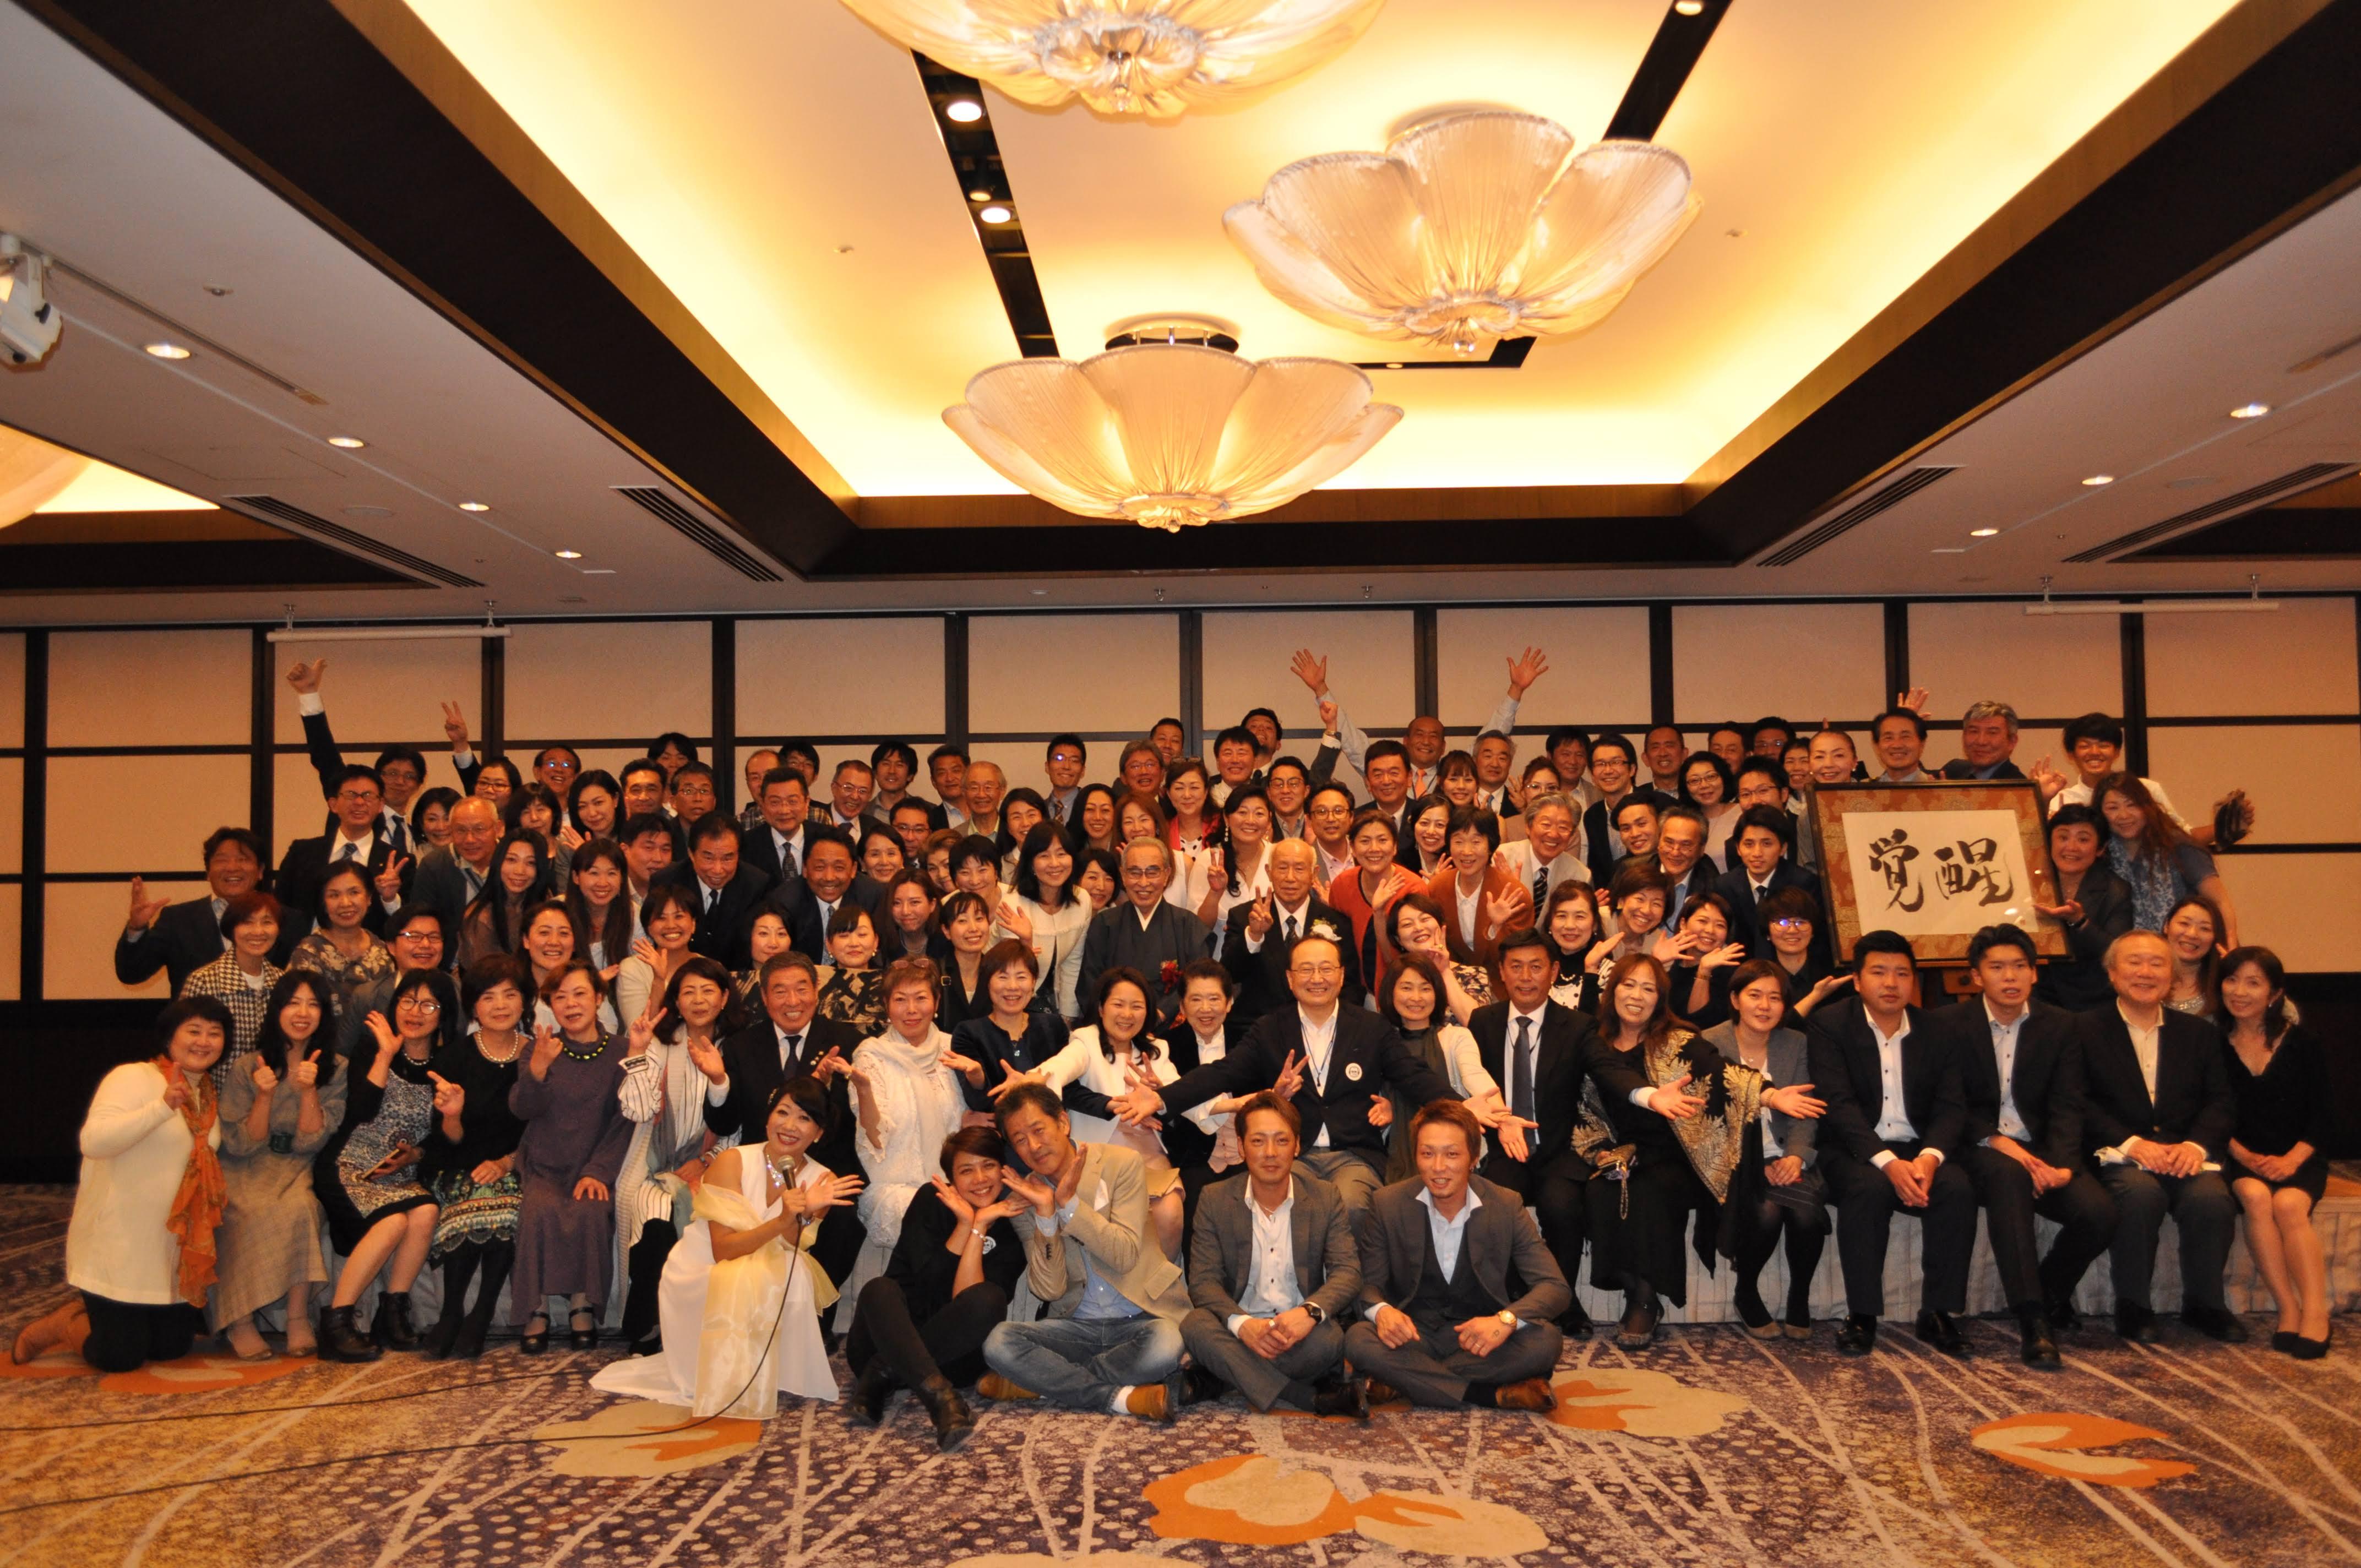 DSC 0606 1 - 思風会全国大会in広島